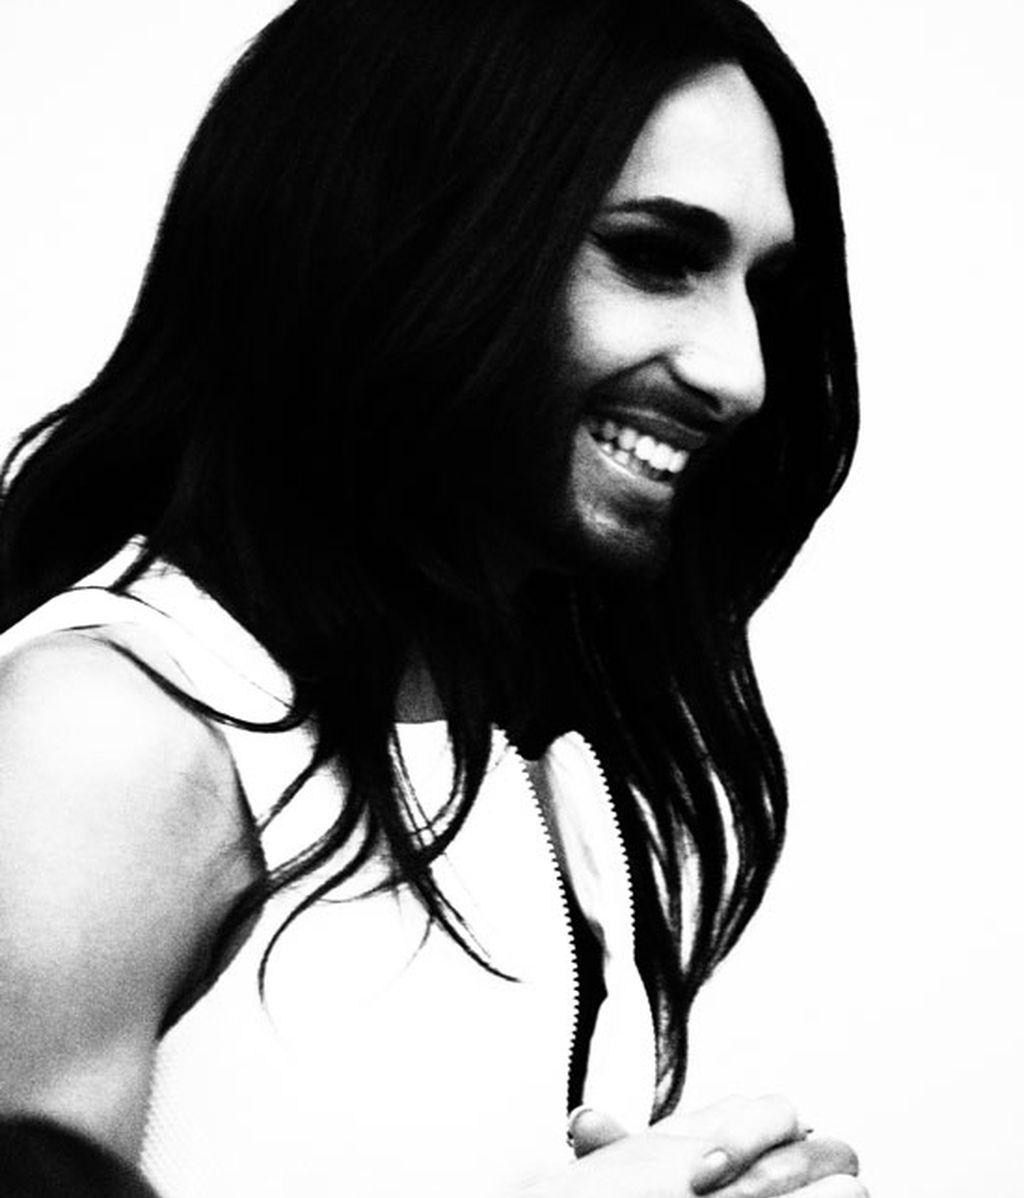 Conchita, en blanco y negro